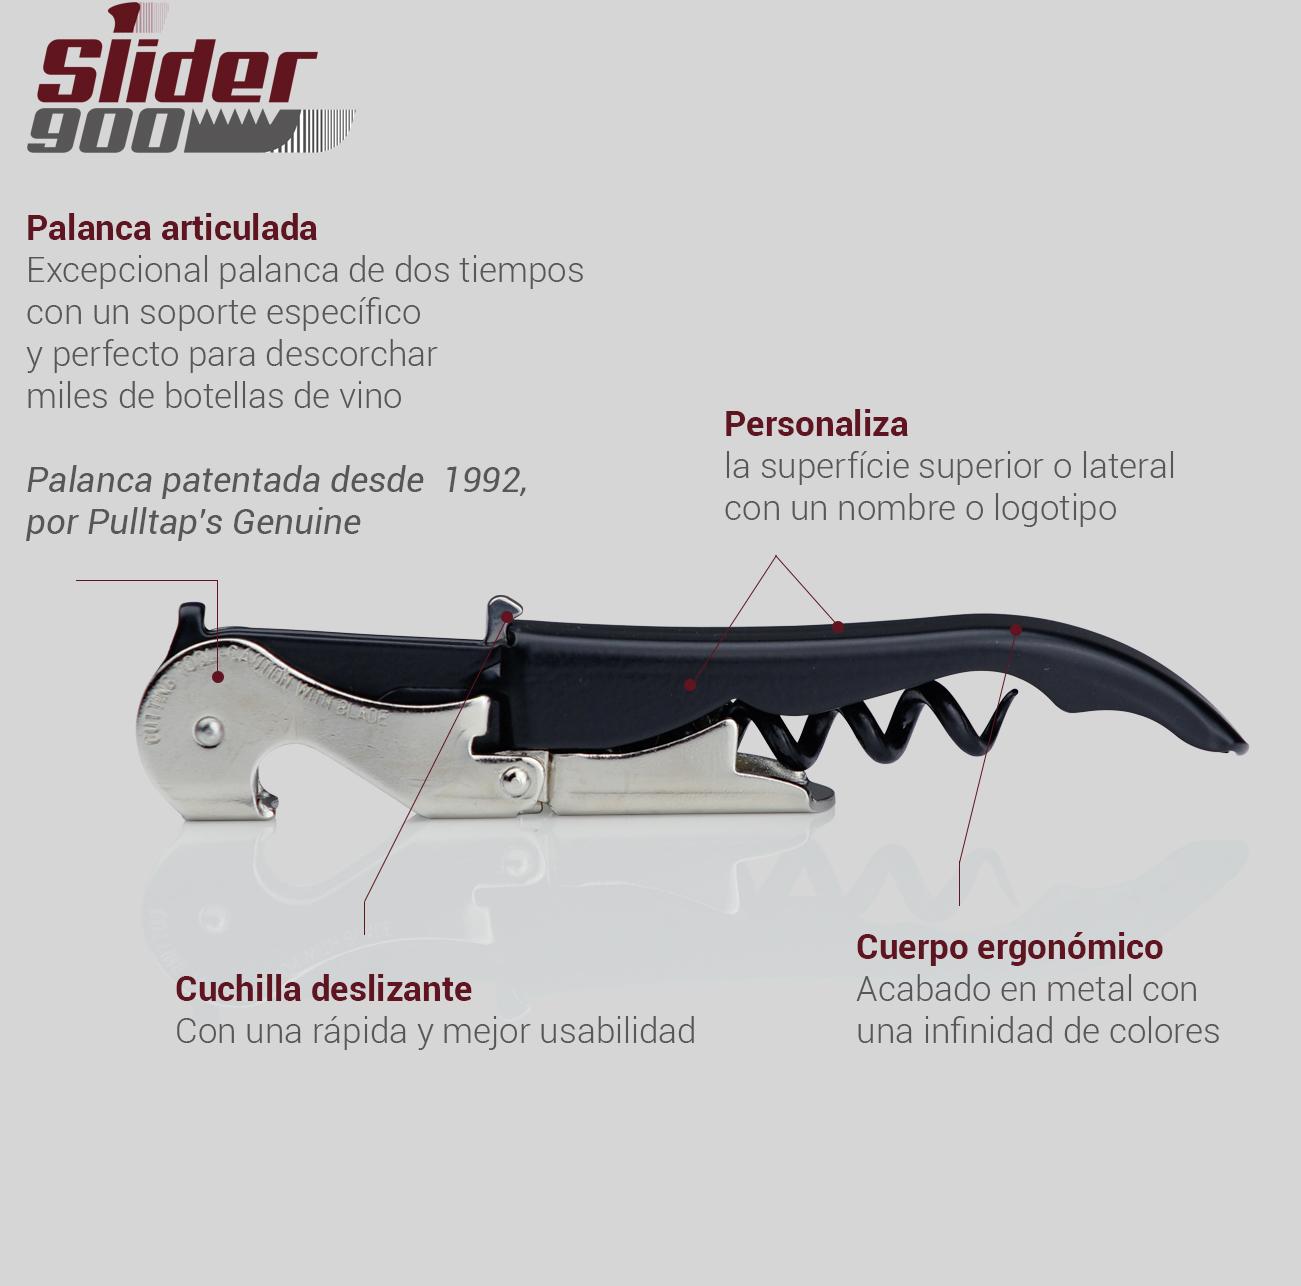 Slider 900